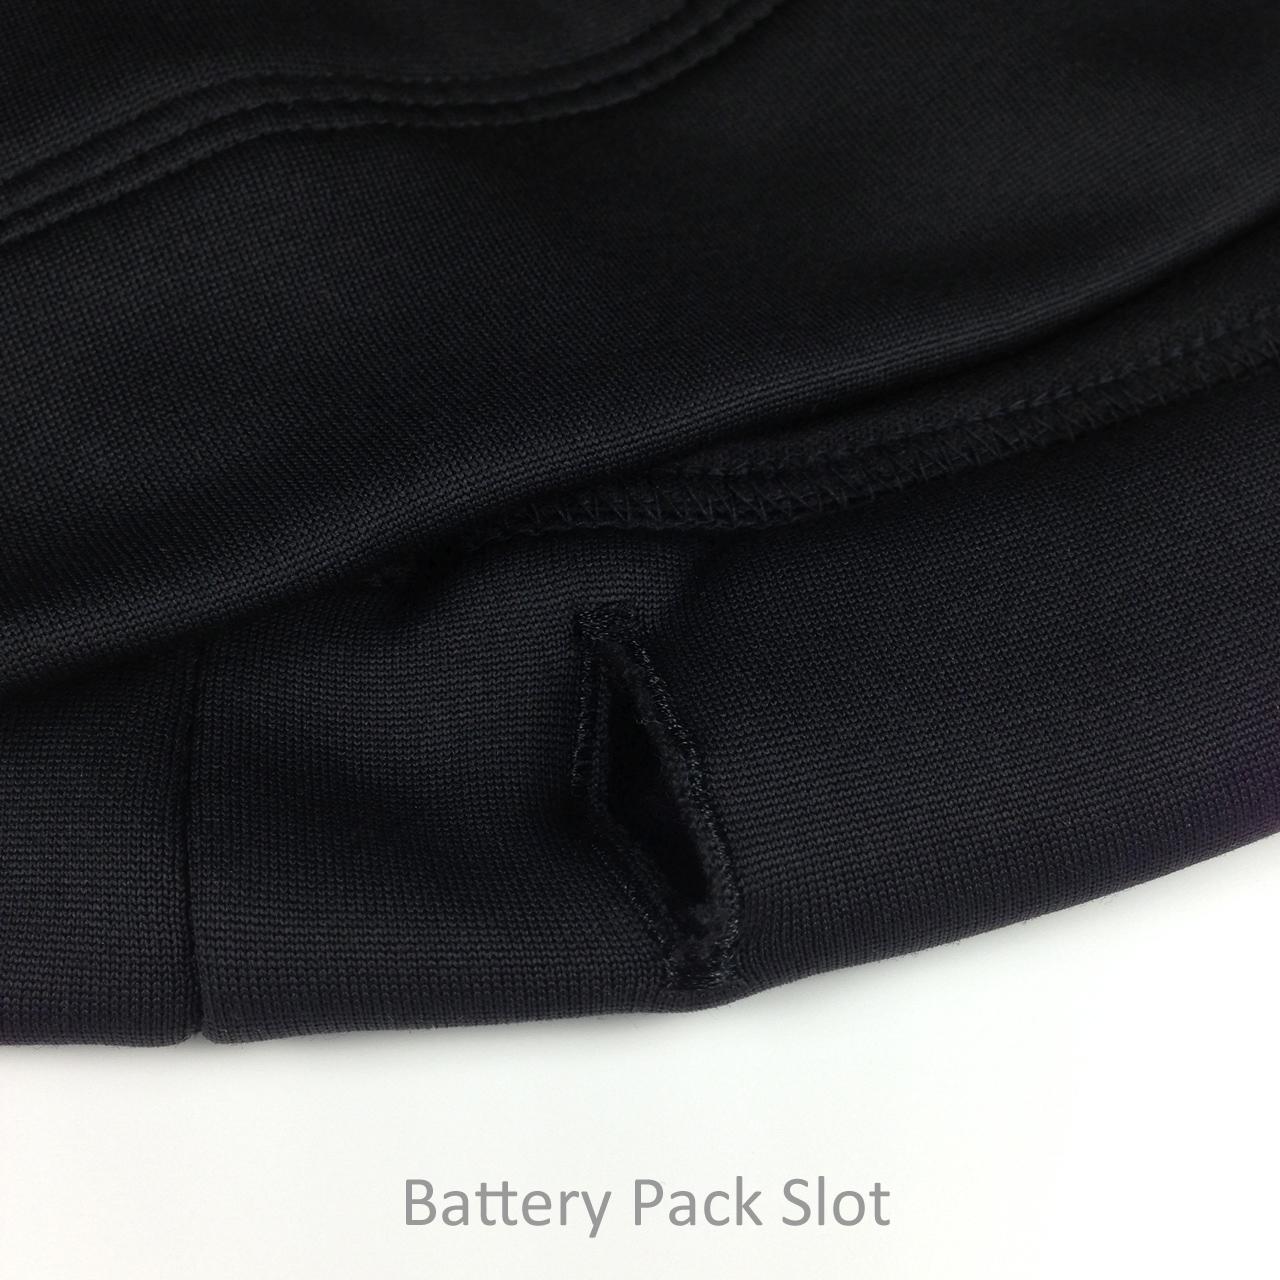 led-beanie-battery-pack-slot.jpg